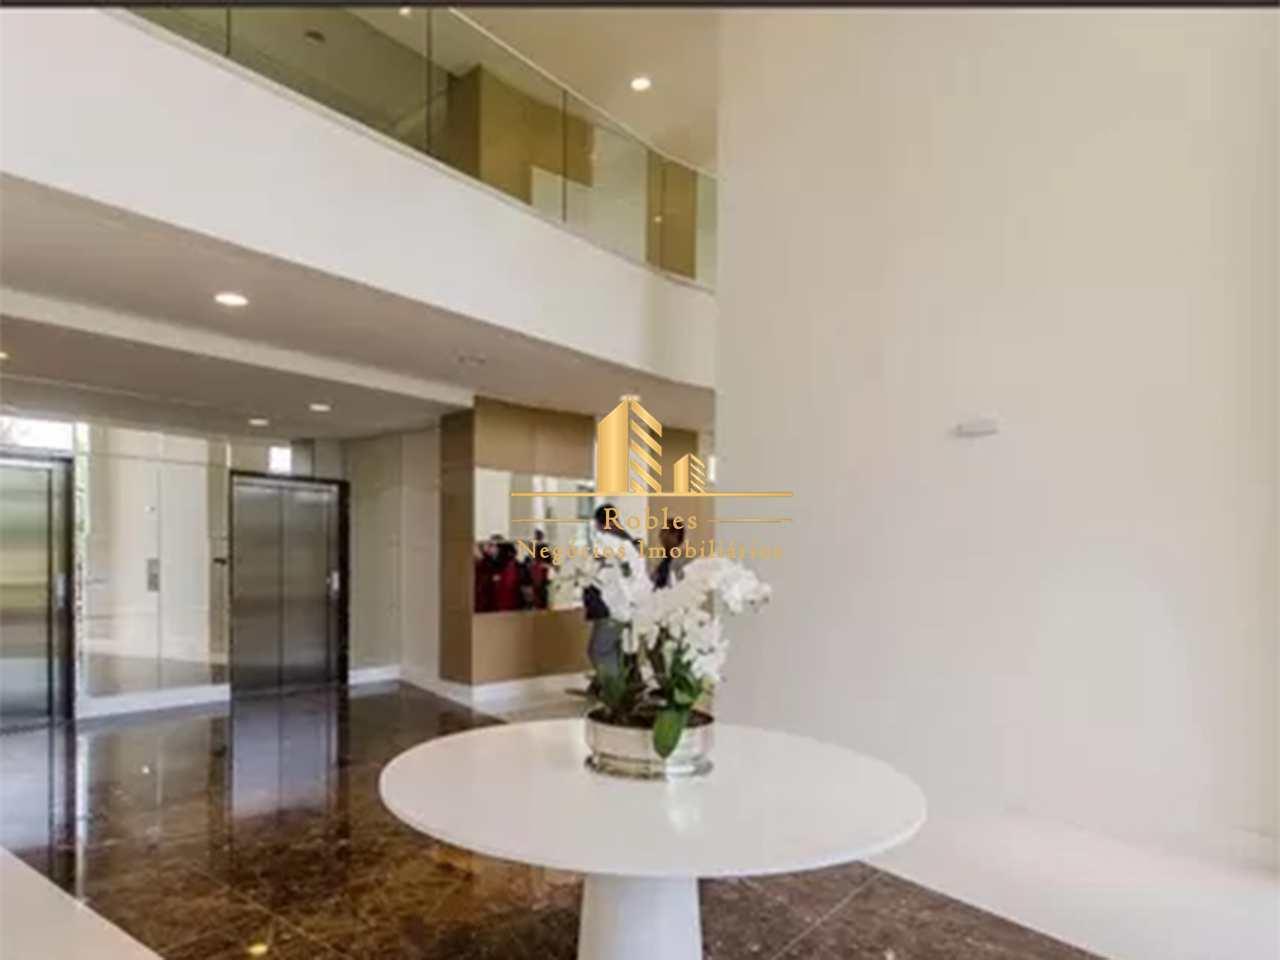 Apartamento com 2 dorms, Pinheiros, São Paulo - R$ 1.3 mi, Cod: 681